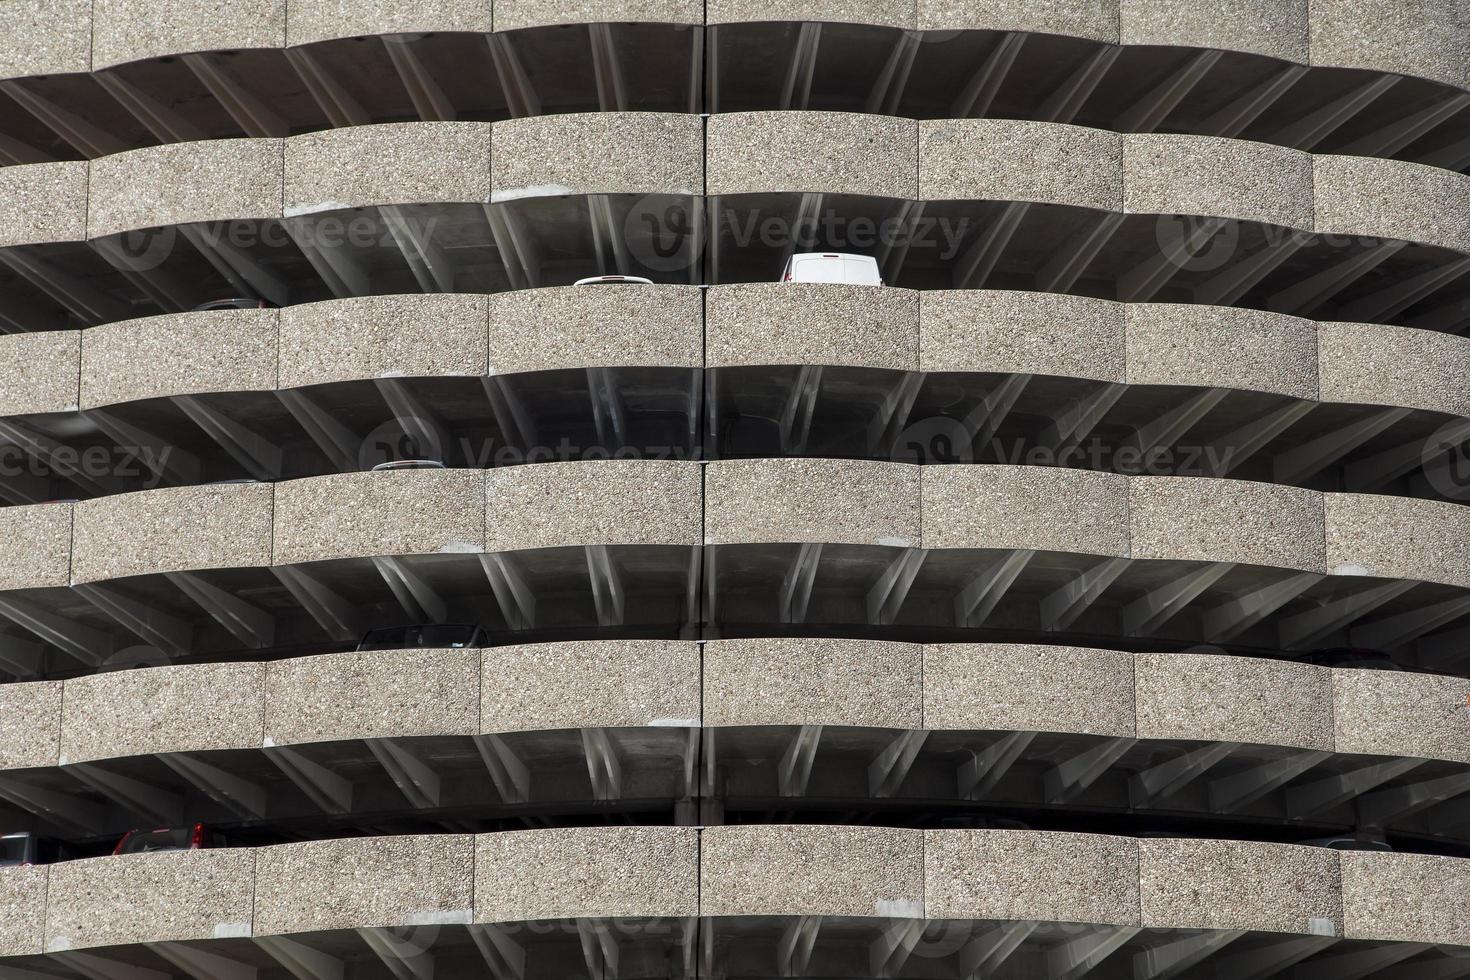 Bâtiment extérieur du parking à étages photo